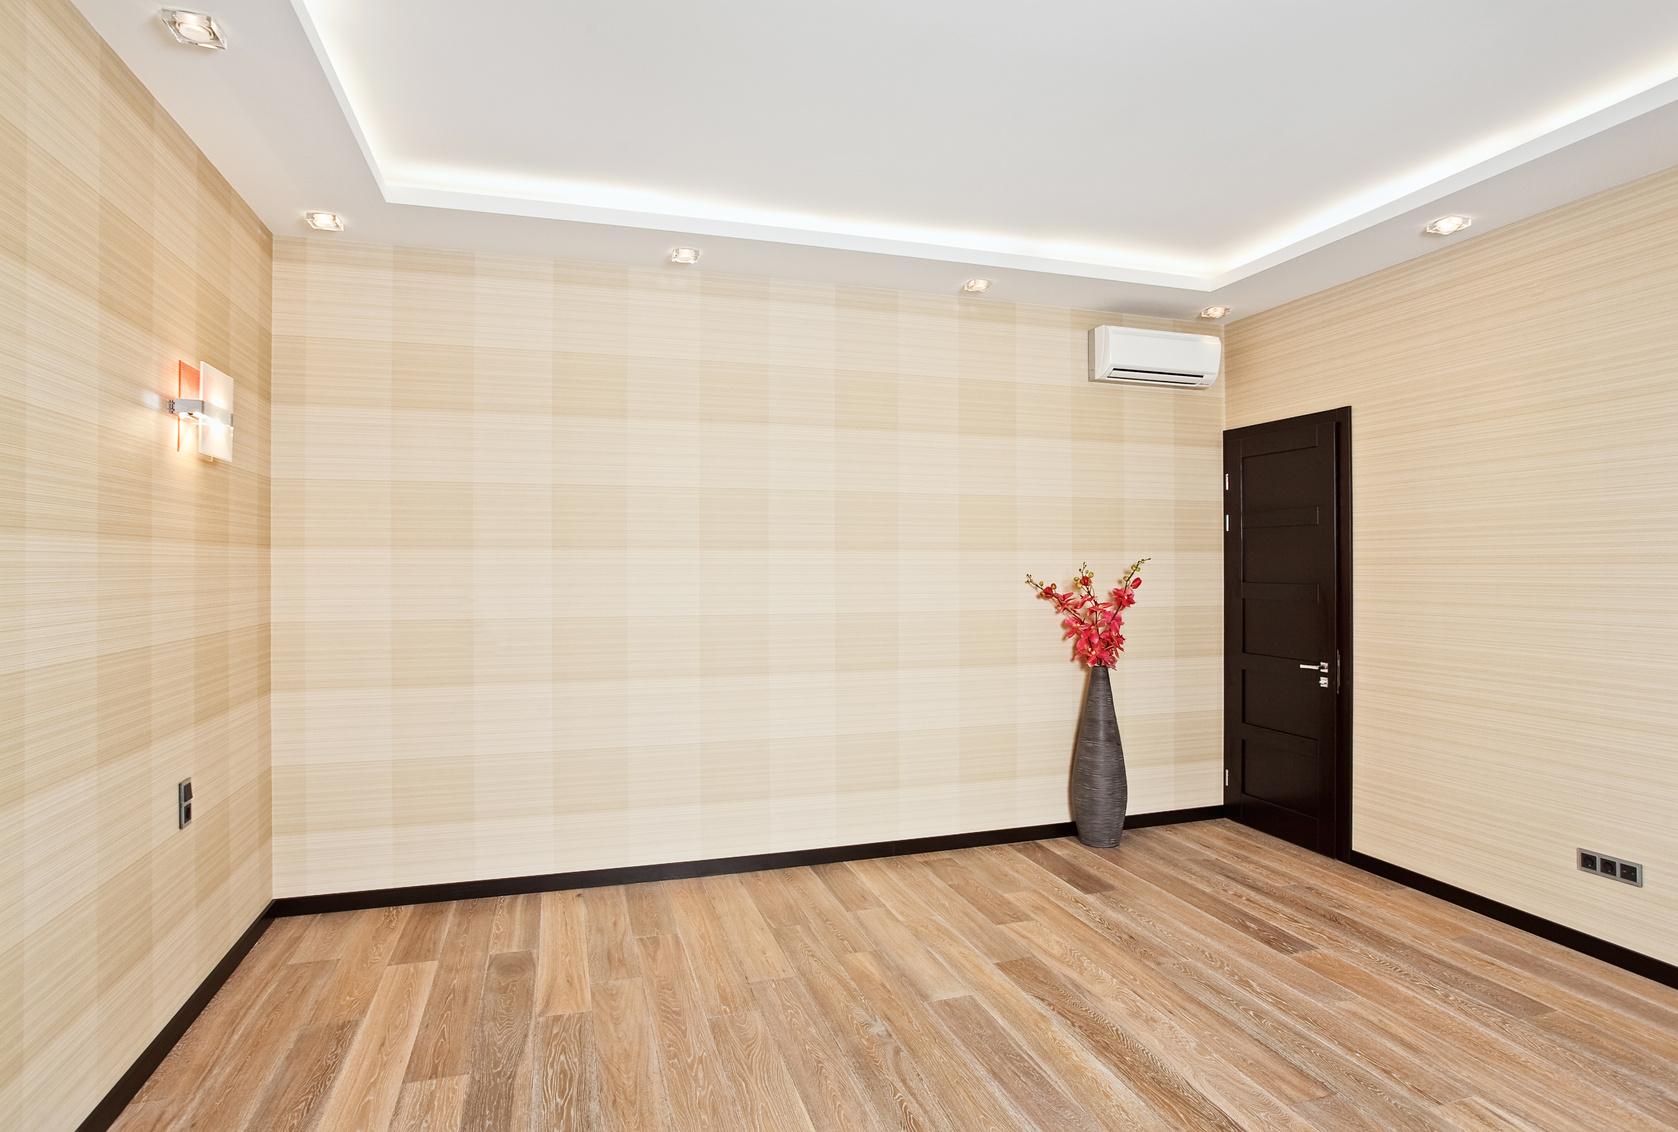 Ремонт квартиры - это не так страшно, как может показаться на первый взгляд. Зачастую, люди очень долго решаются на этот ответственный шаг